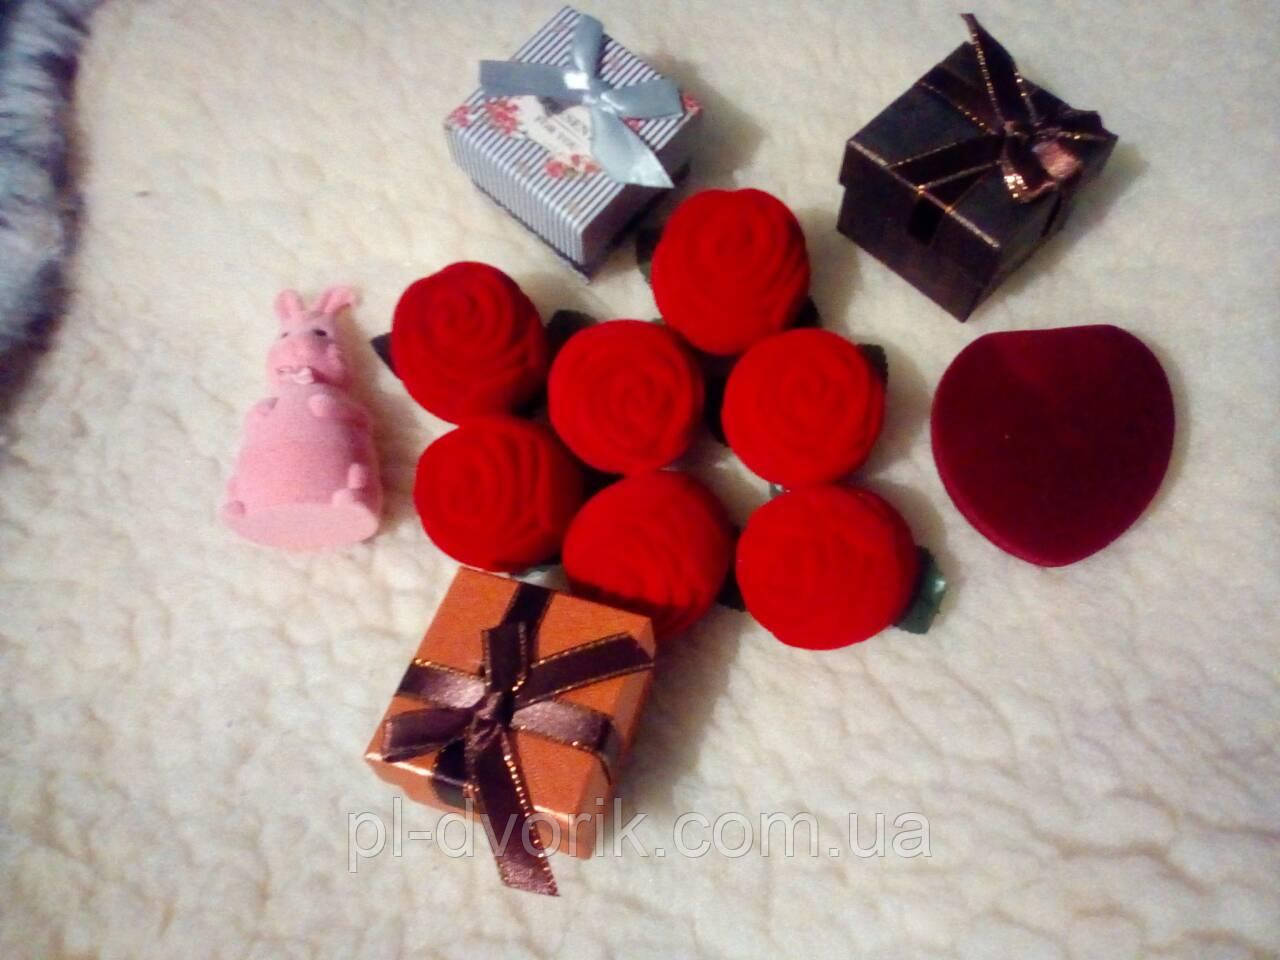 Коробочки под  золото на  подарки  заяц - 65 грн сердце - 55 грн коробочки  -   40 грн